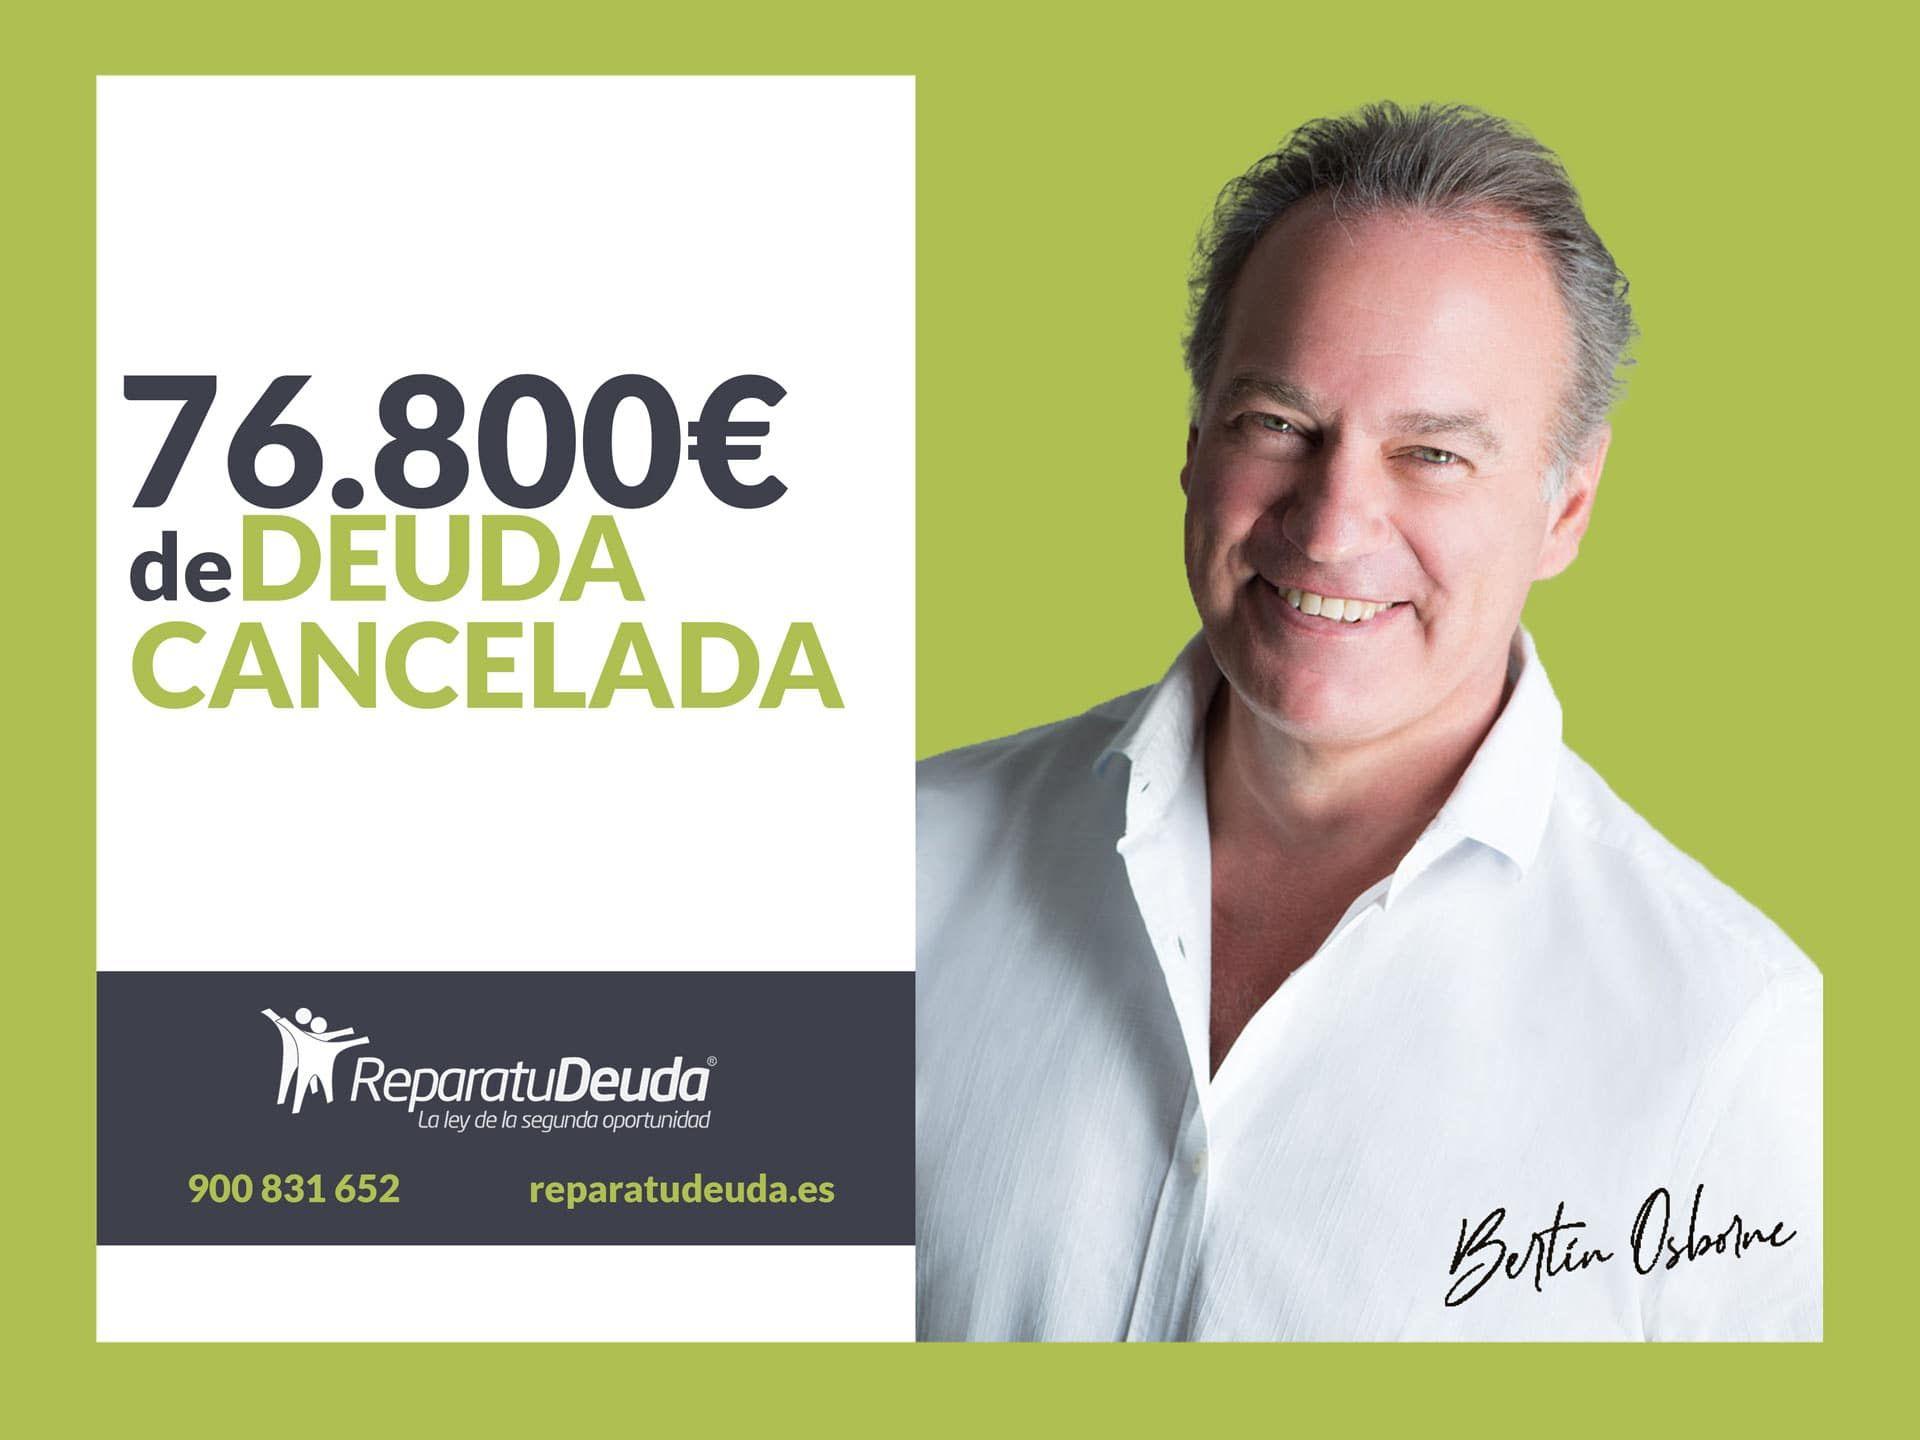 Repara tu Deuda Abogados cancela 76.800? en Barcelona gracias a la Ley de Segunda Oportunidad